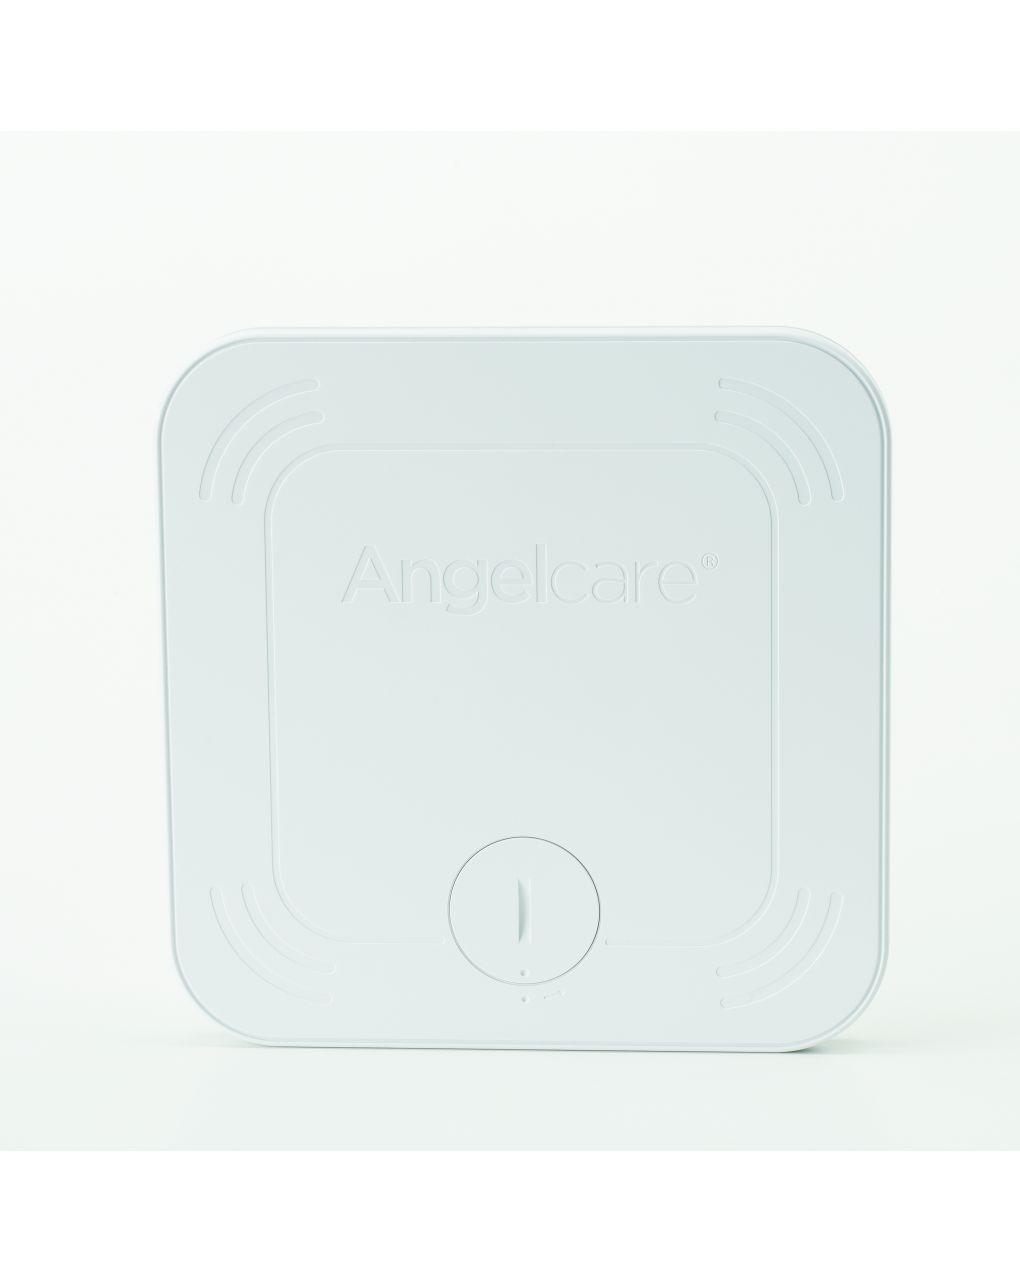 Angelcare - audio video monitor digitalecon pannello sensore wireless - Foppapedretti